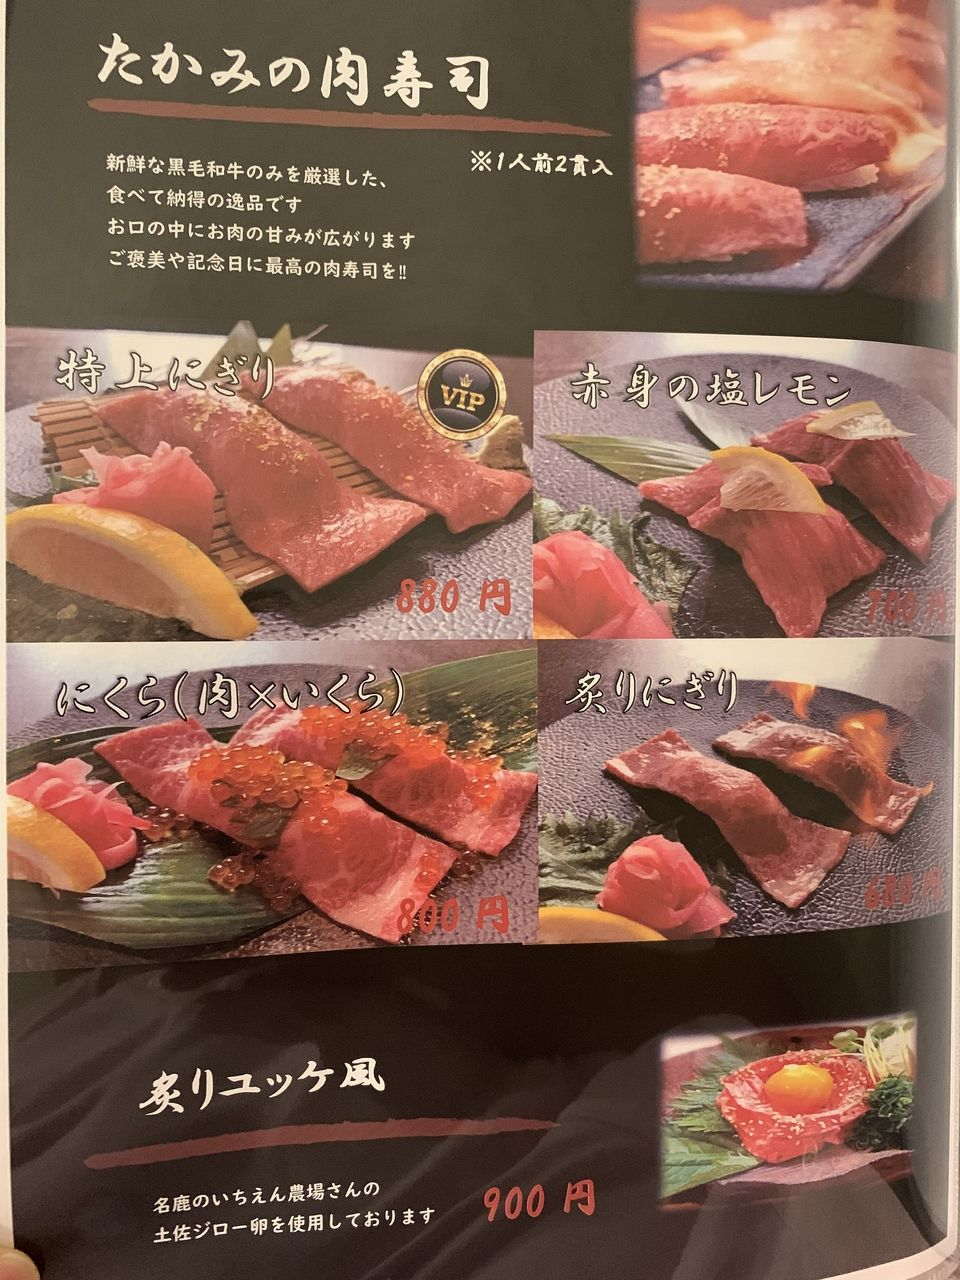 焼肉たかみのメニューたかみの肉寿司